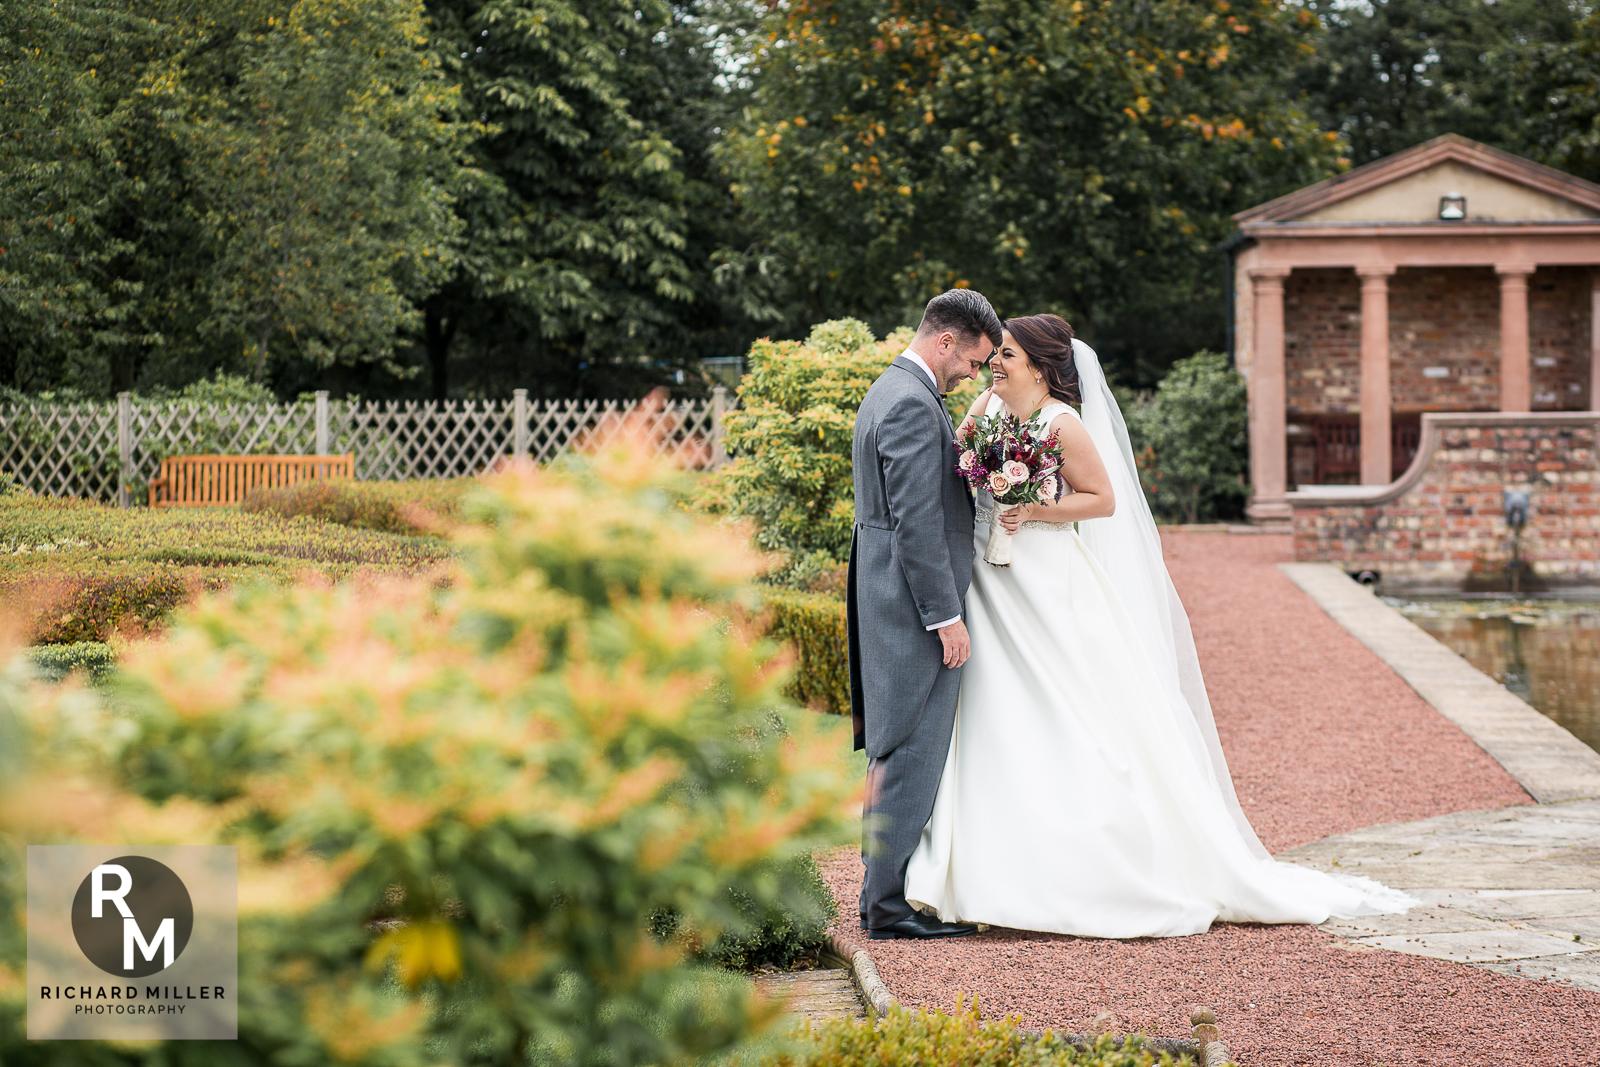 A E 22 - Carden Park Wedding Photographer - Adam & Emma